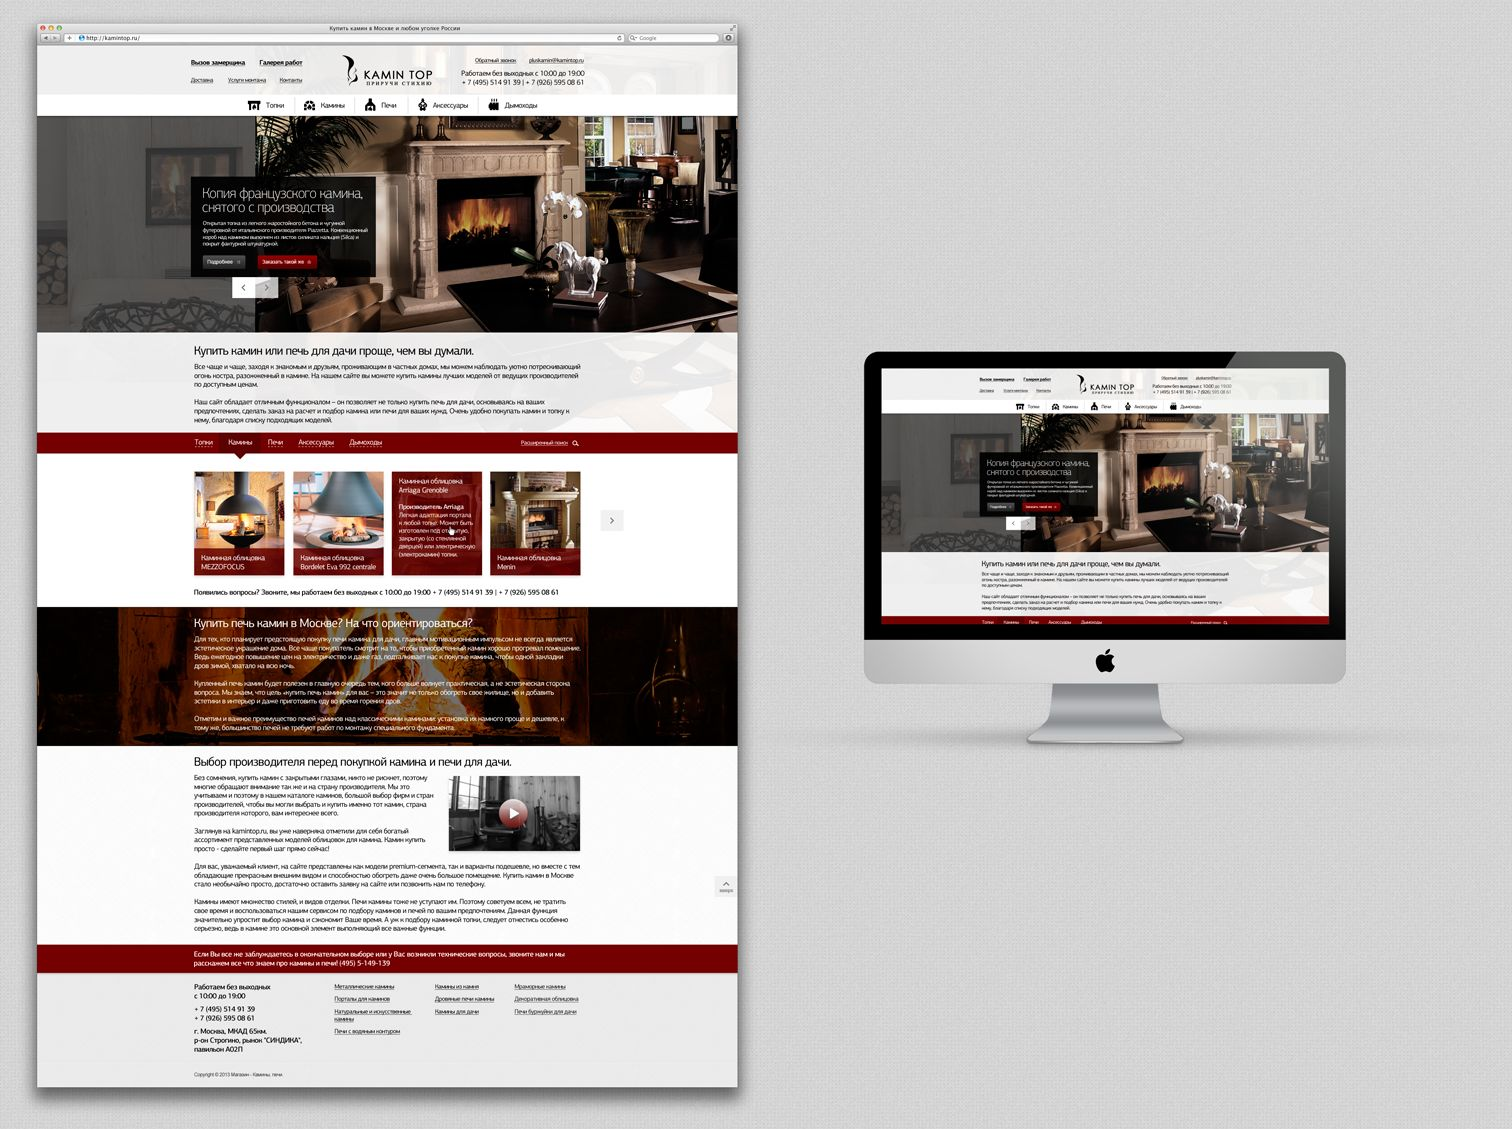 Дизайн сайта интернет магазина - дизайнер De_Puta_Madre